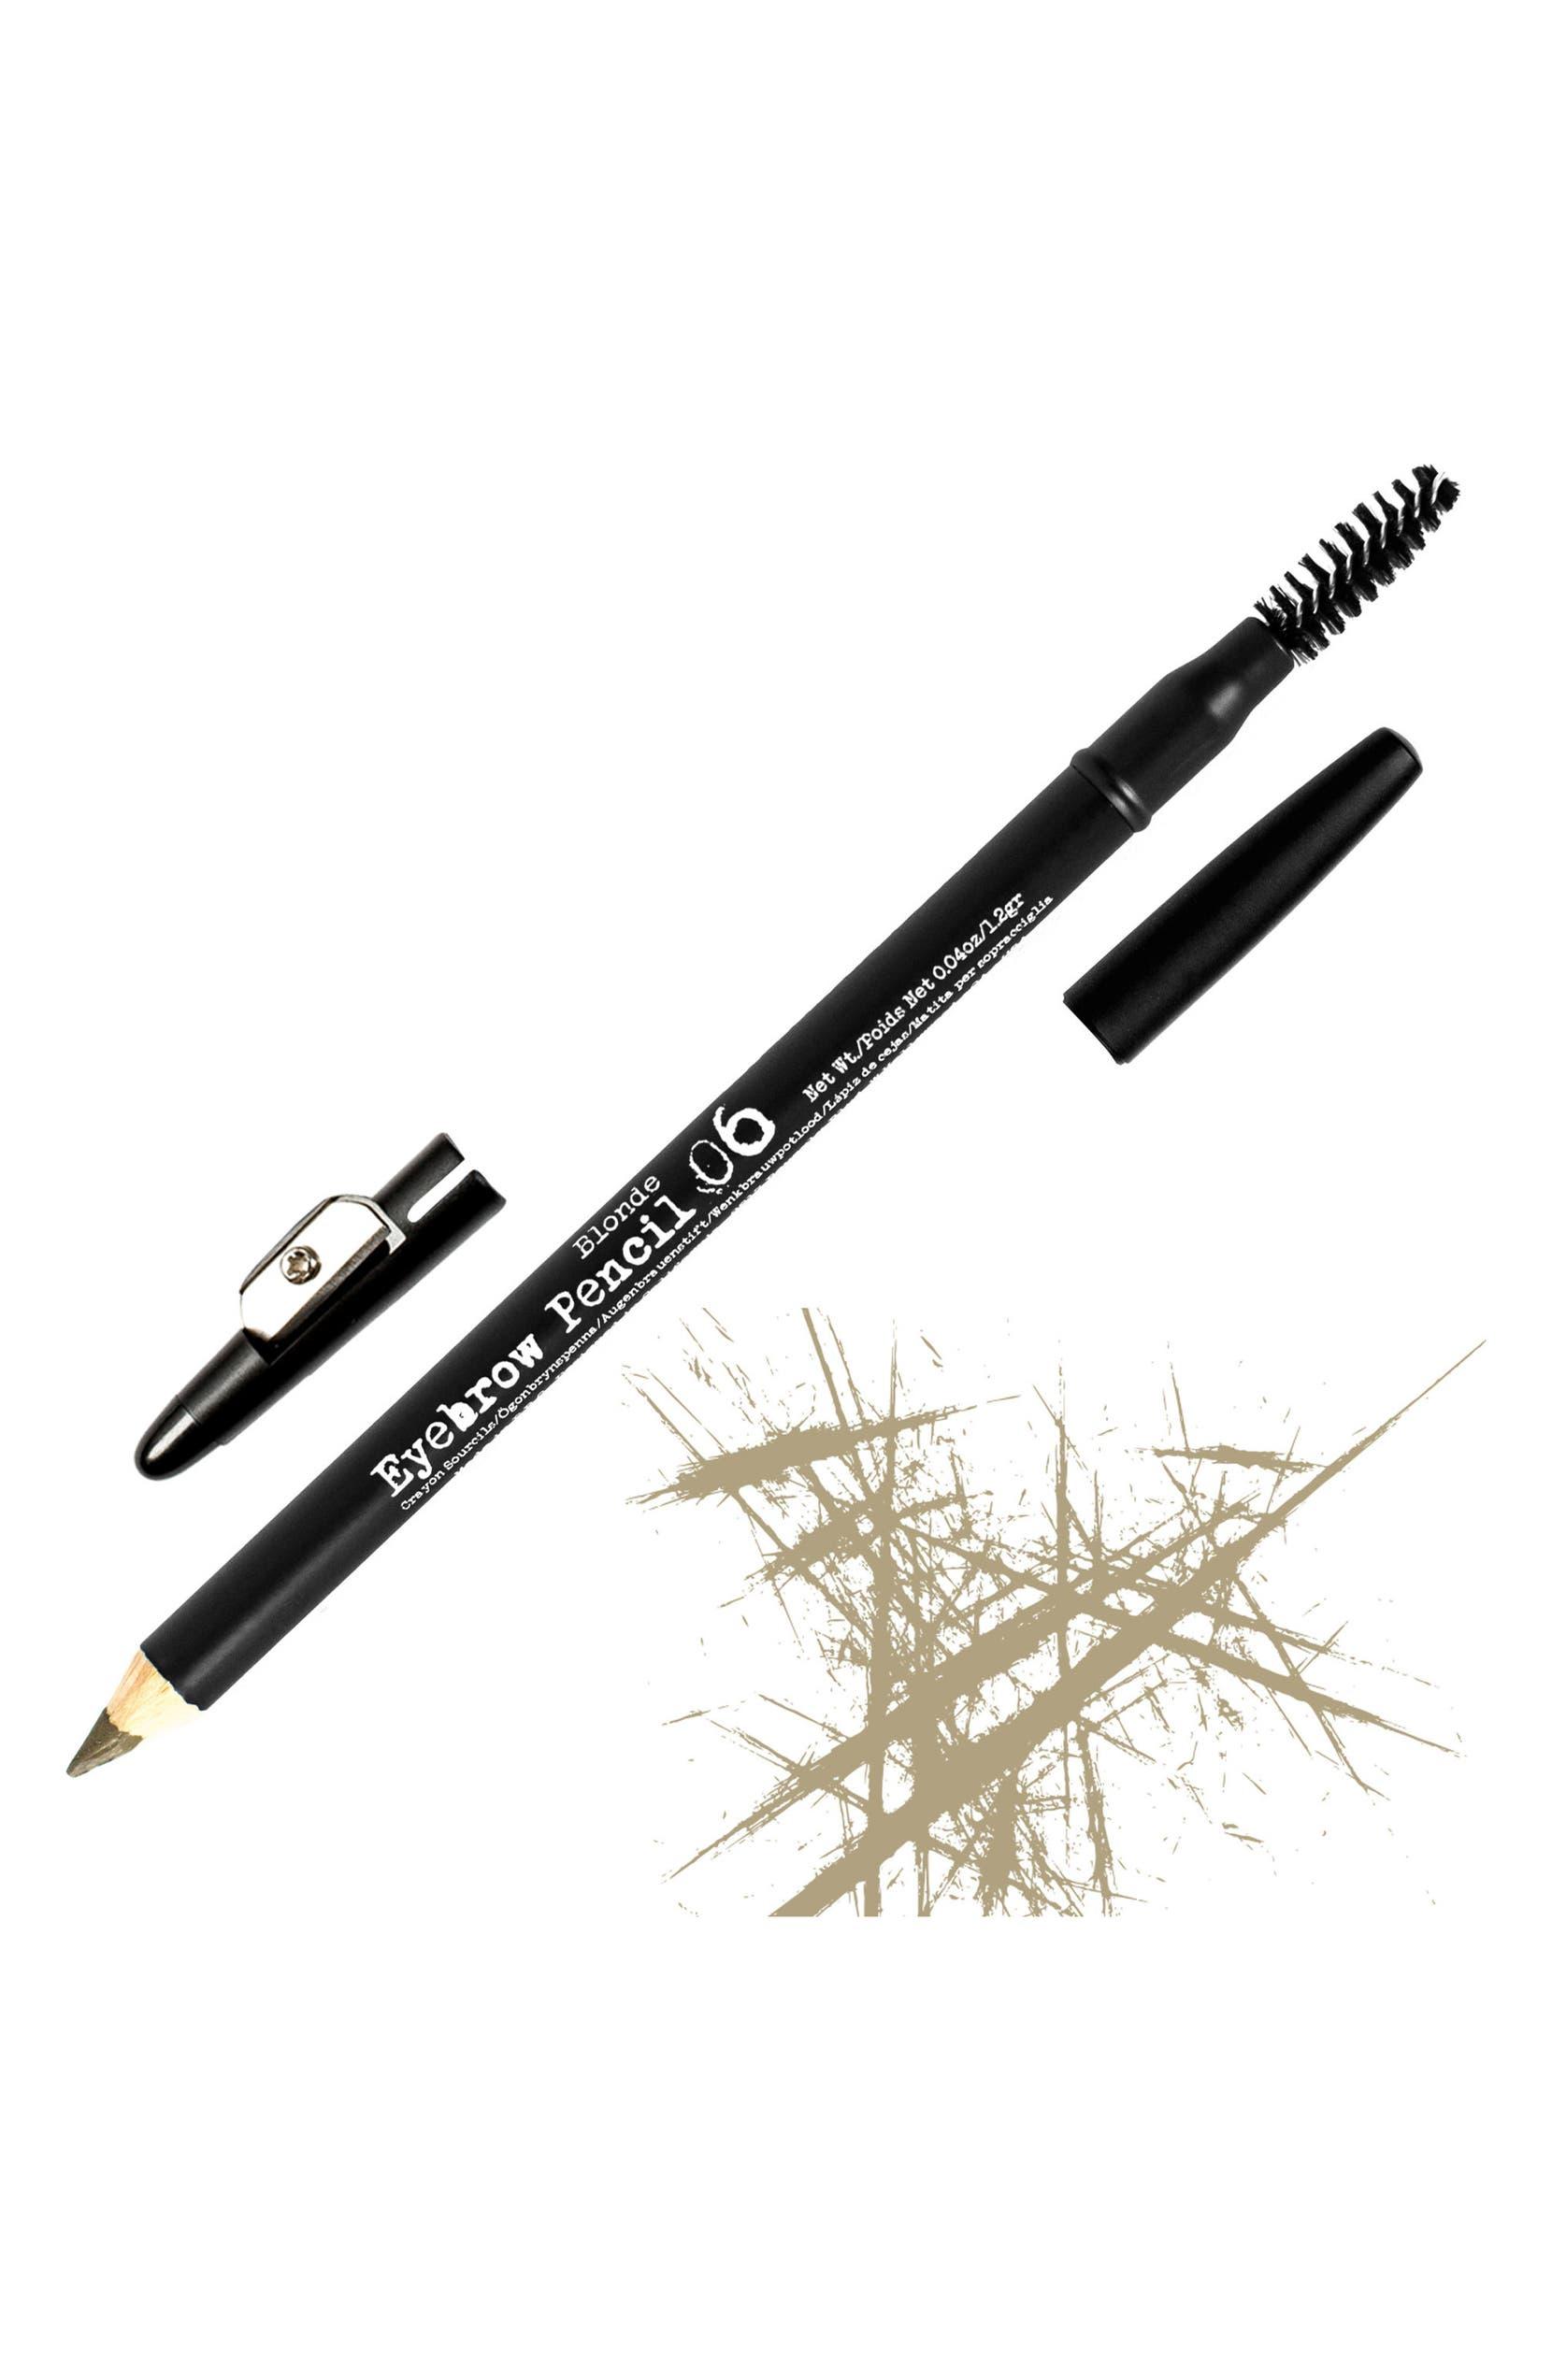 Stylo Sourcils Waterproof Defining Longwear Eyebrow Pencil by Chanel #6